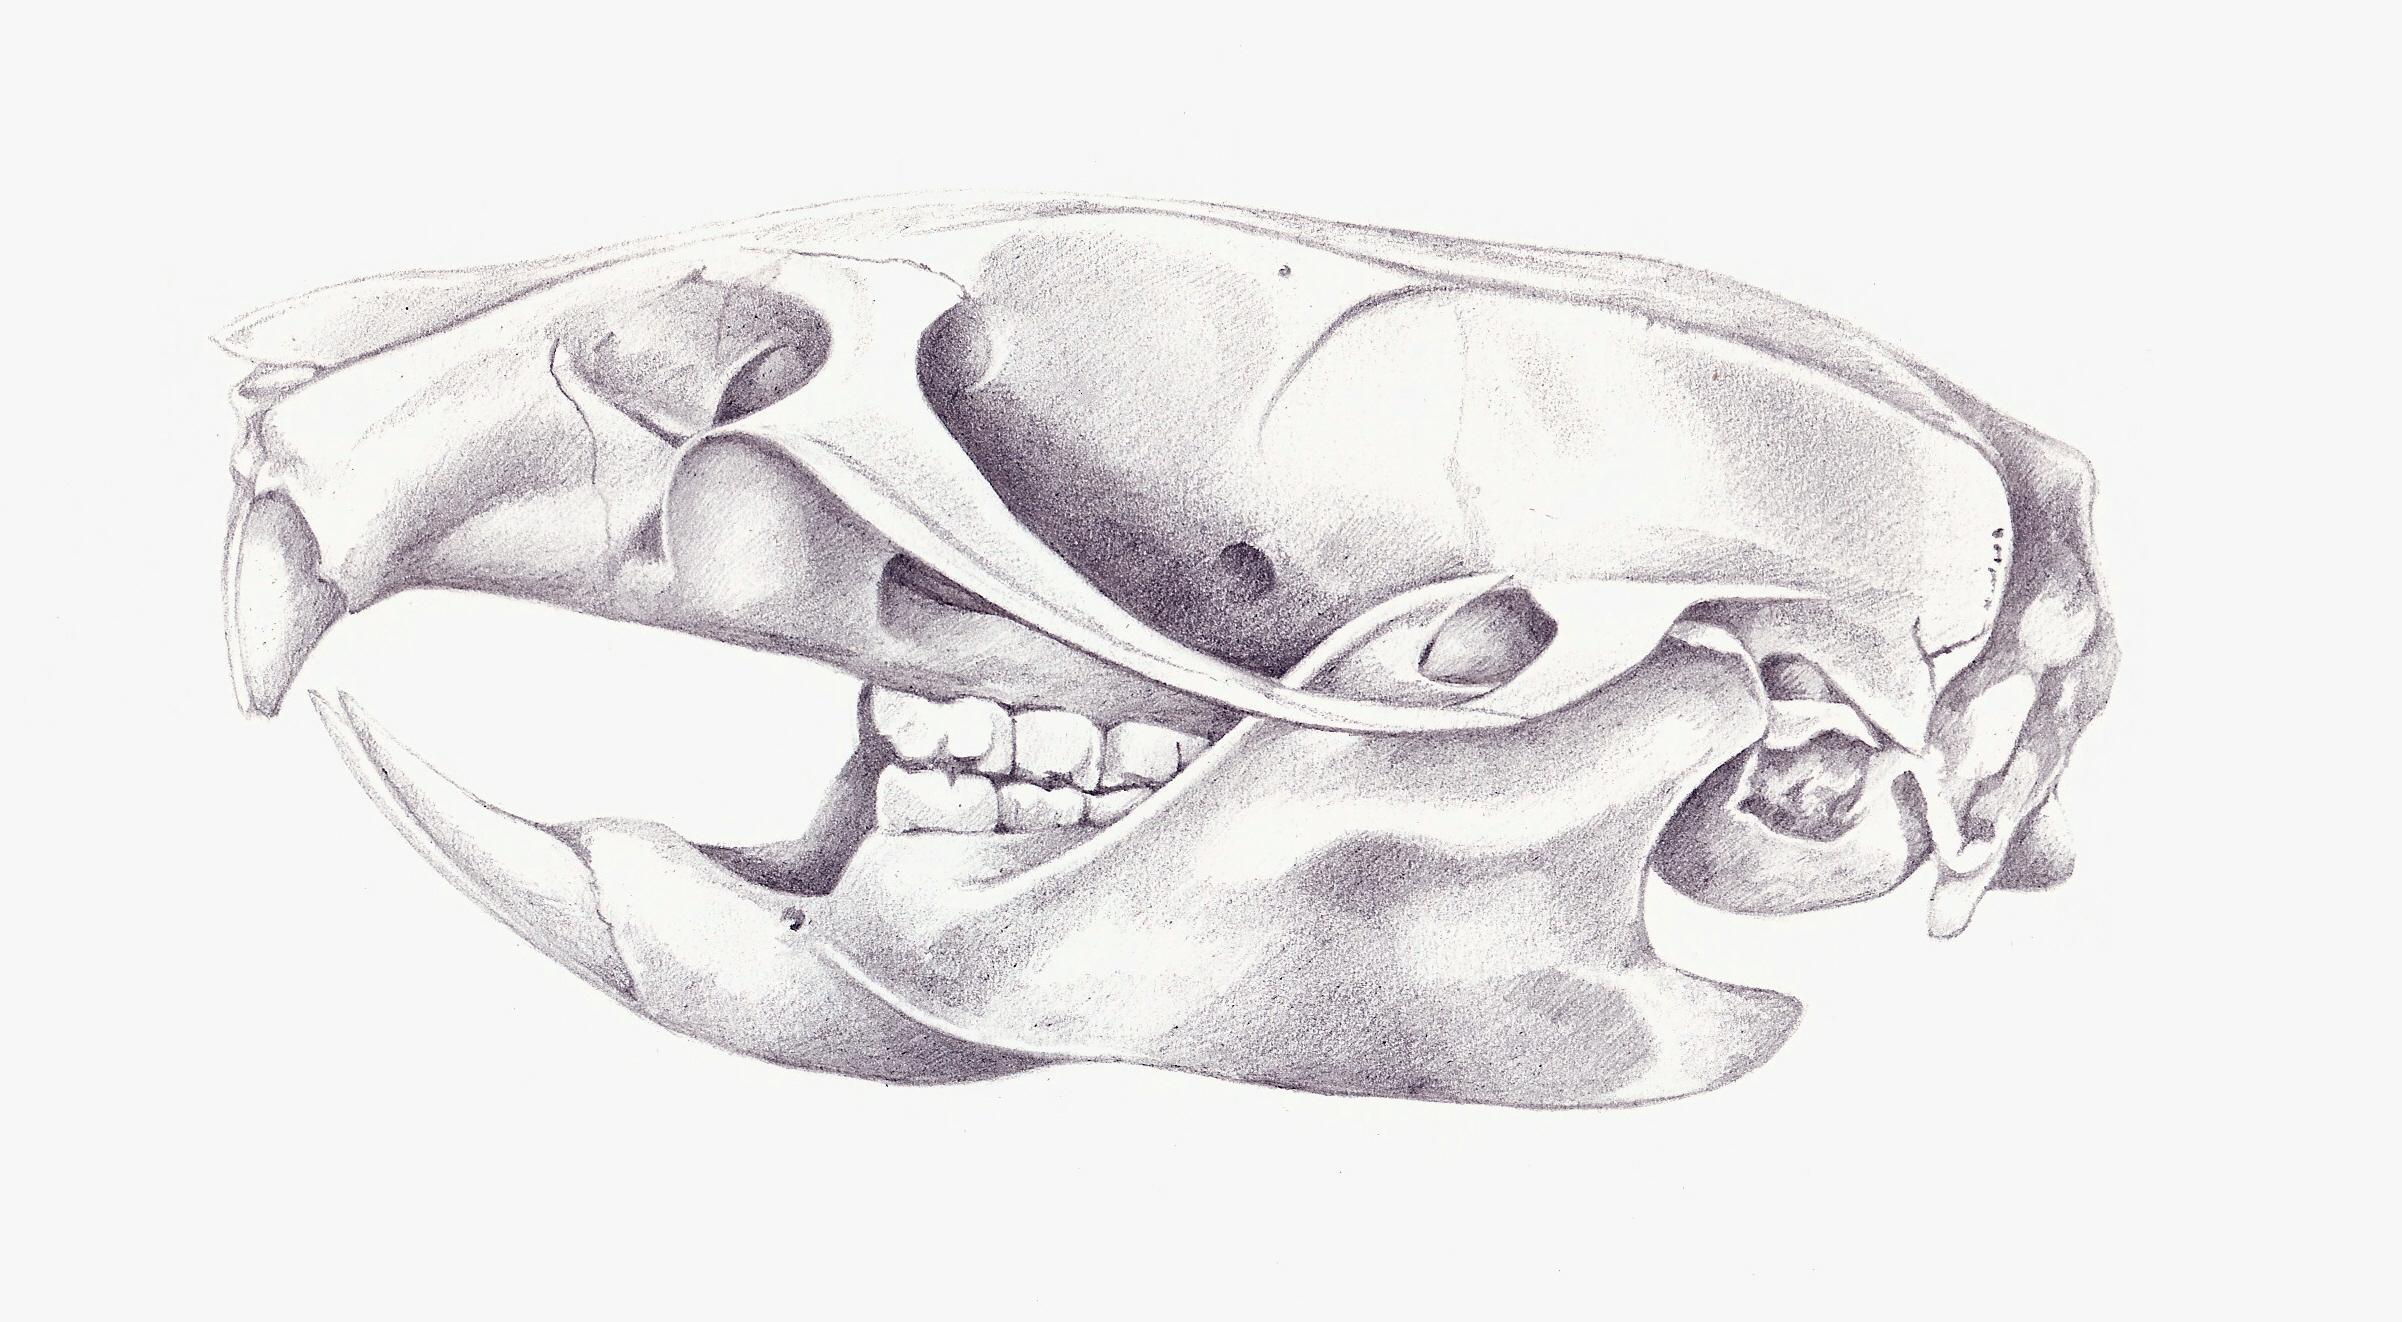 Rat+Skull